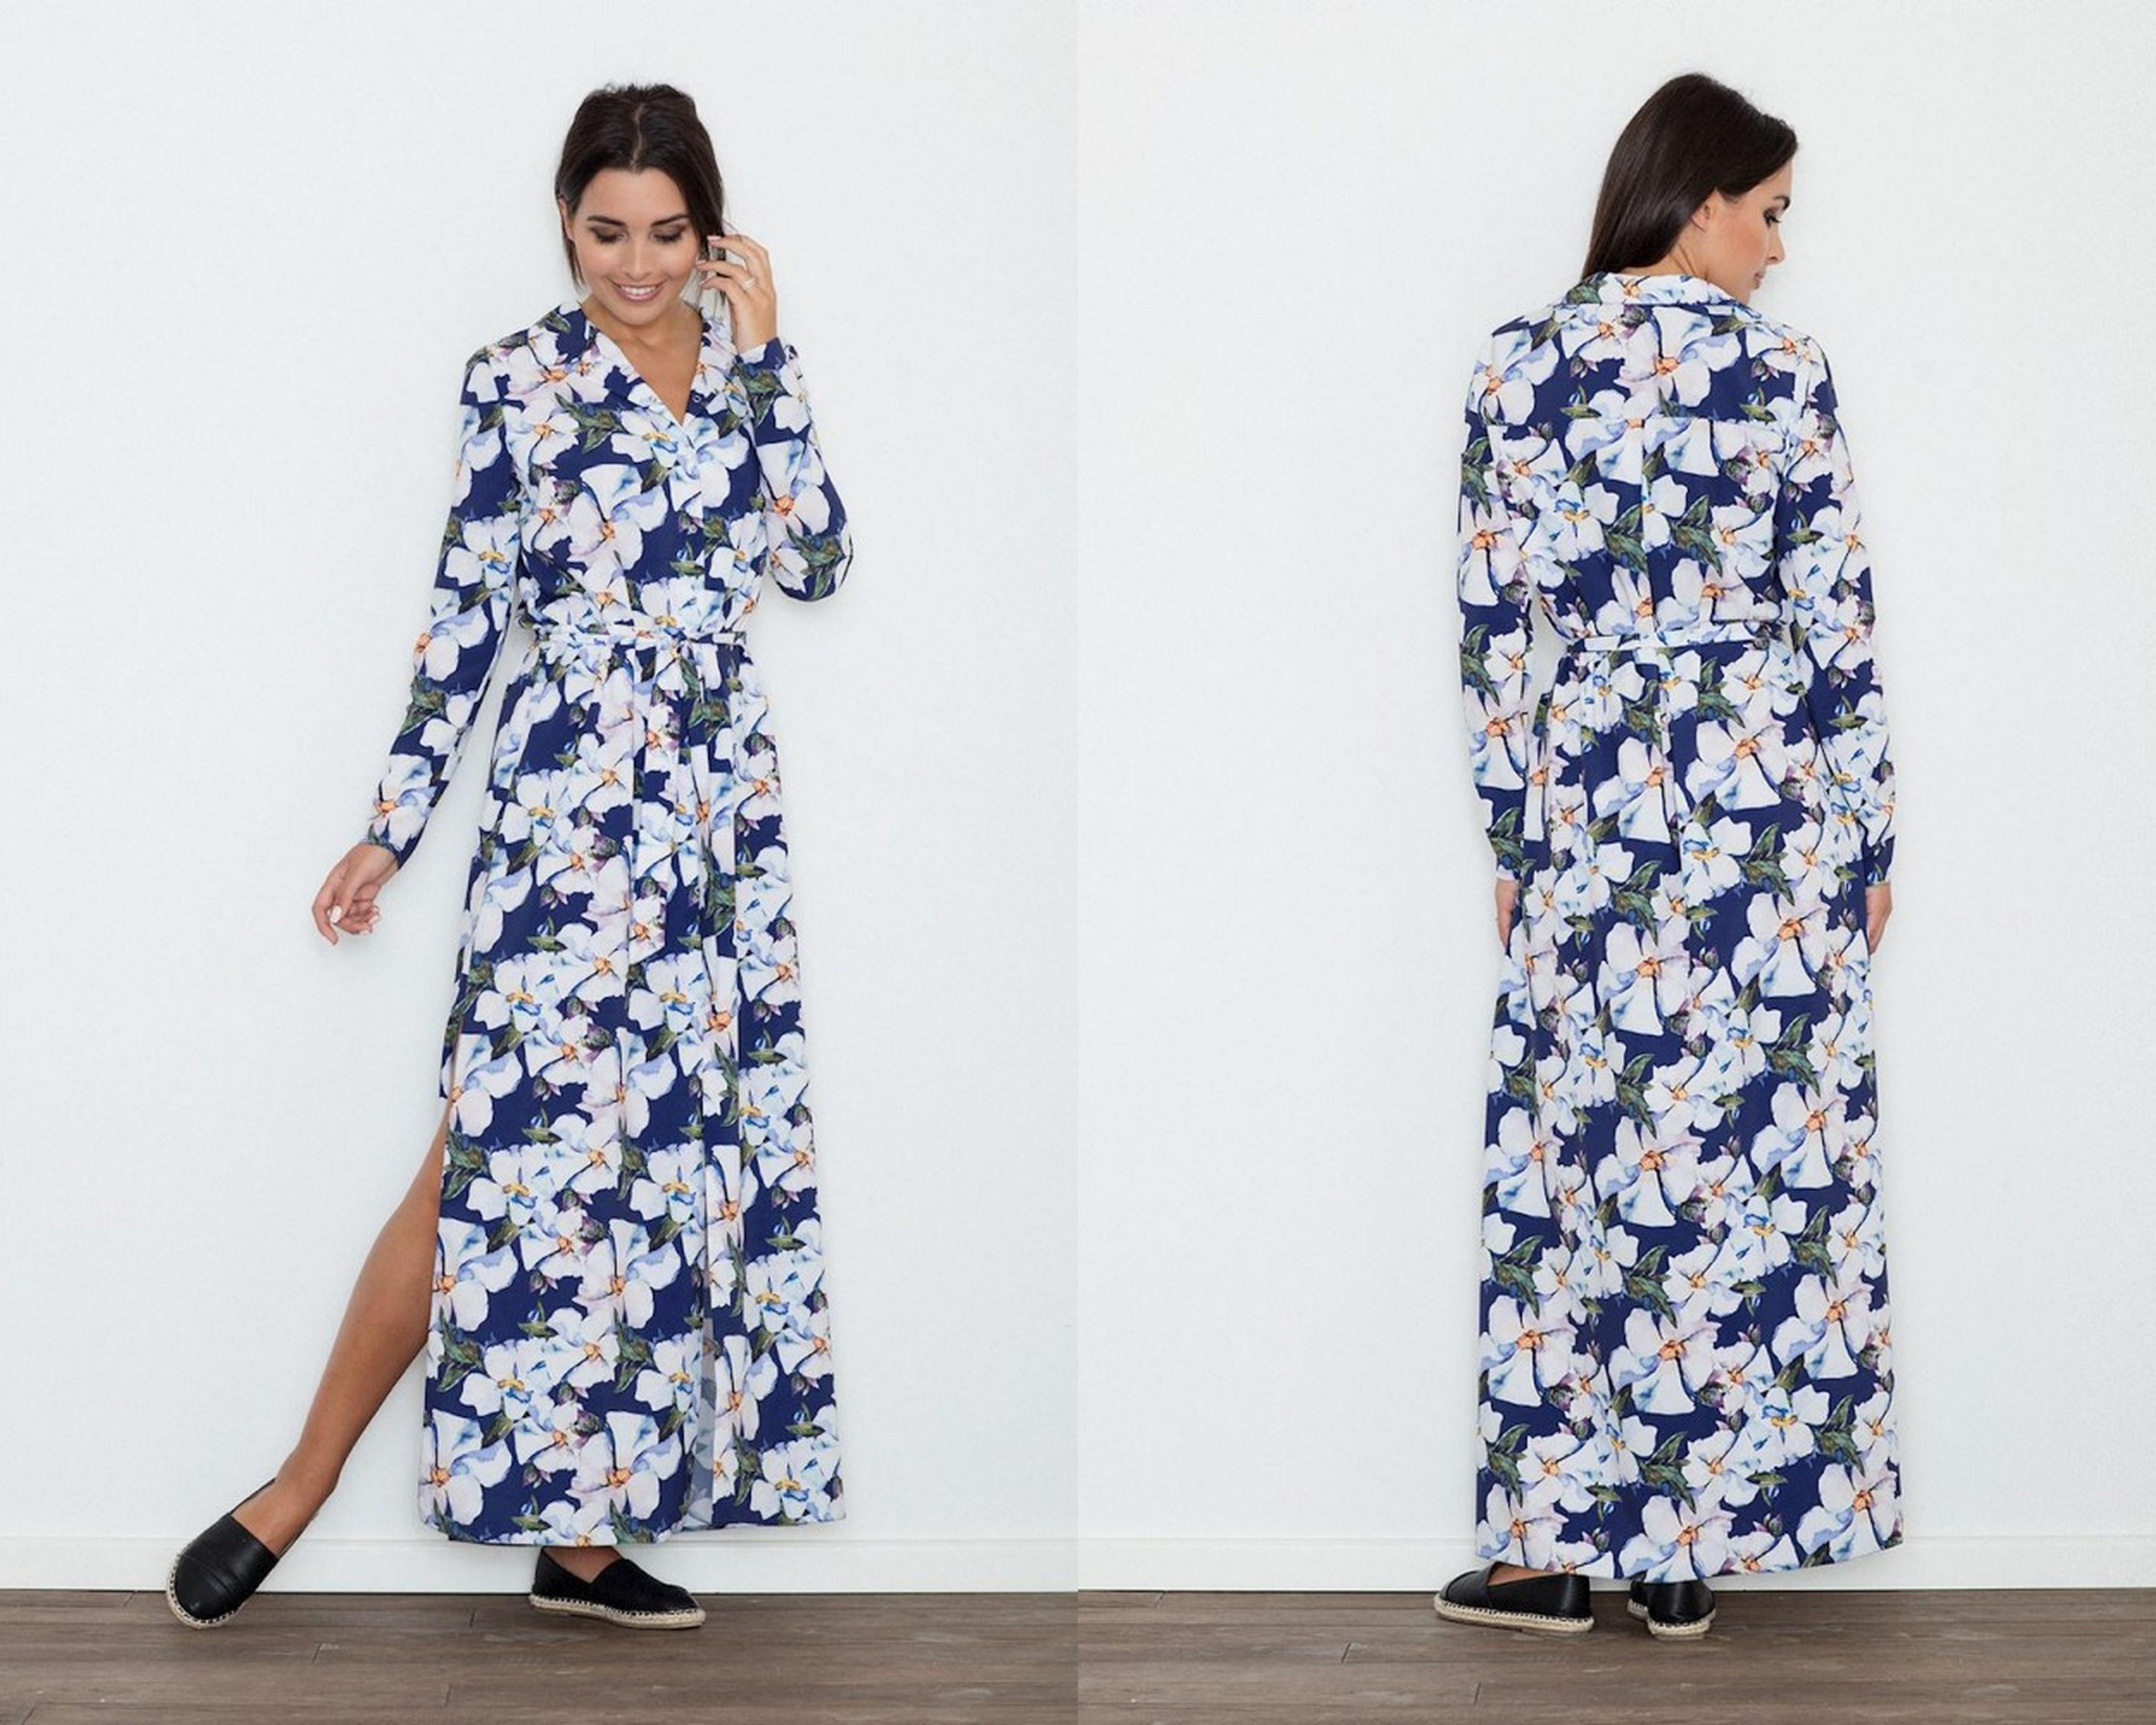 9119c7557912 Dlhé šaty – maxi šaty s motívom kvetov a s dlhým rukávom.